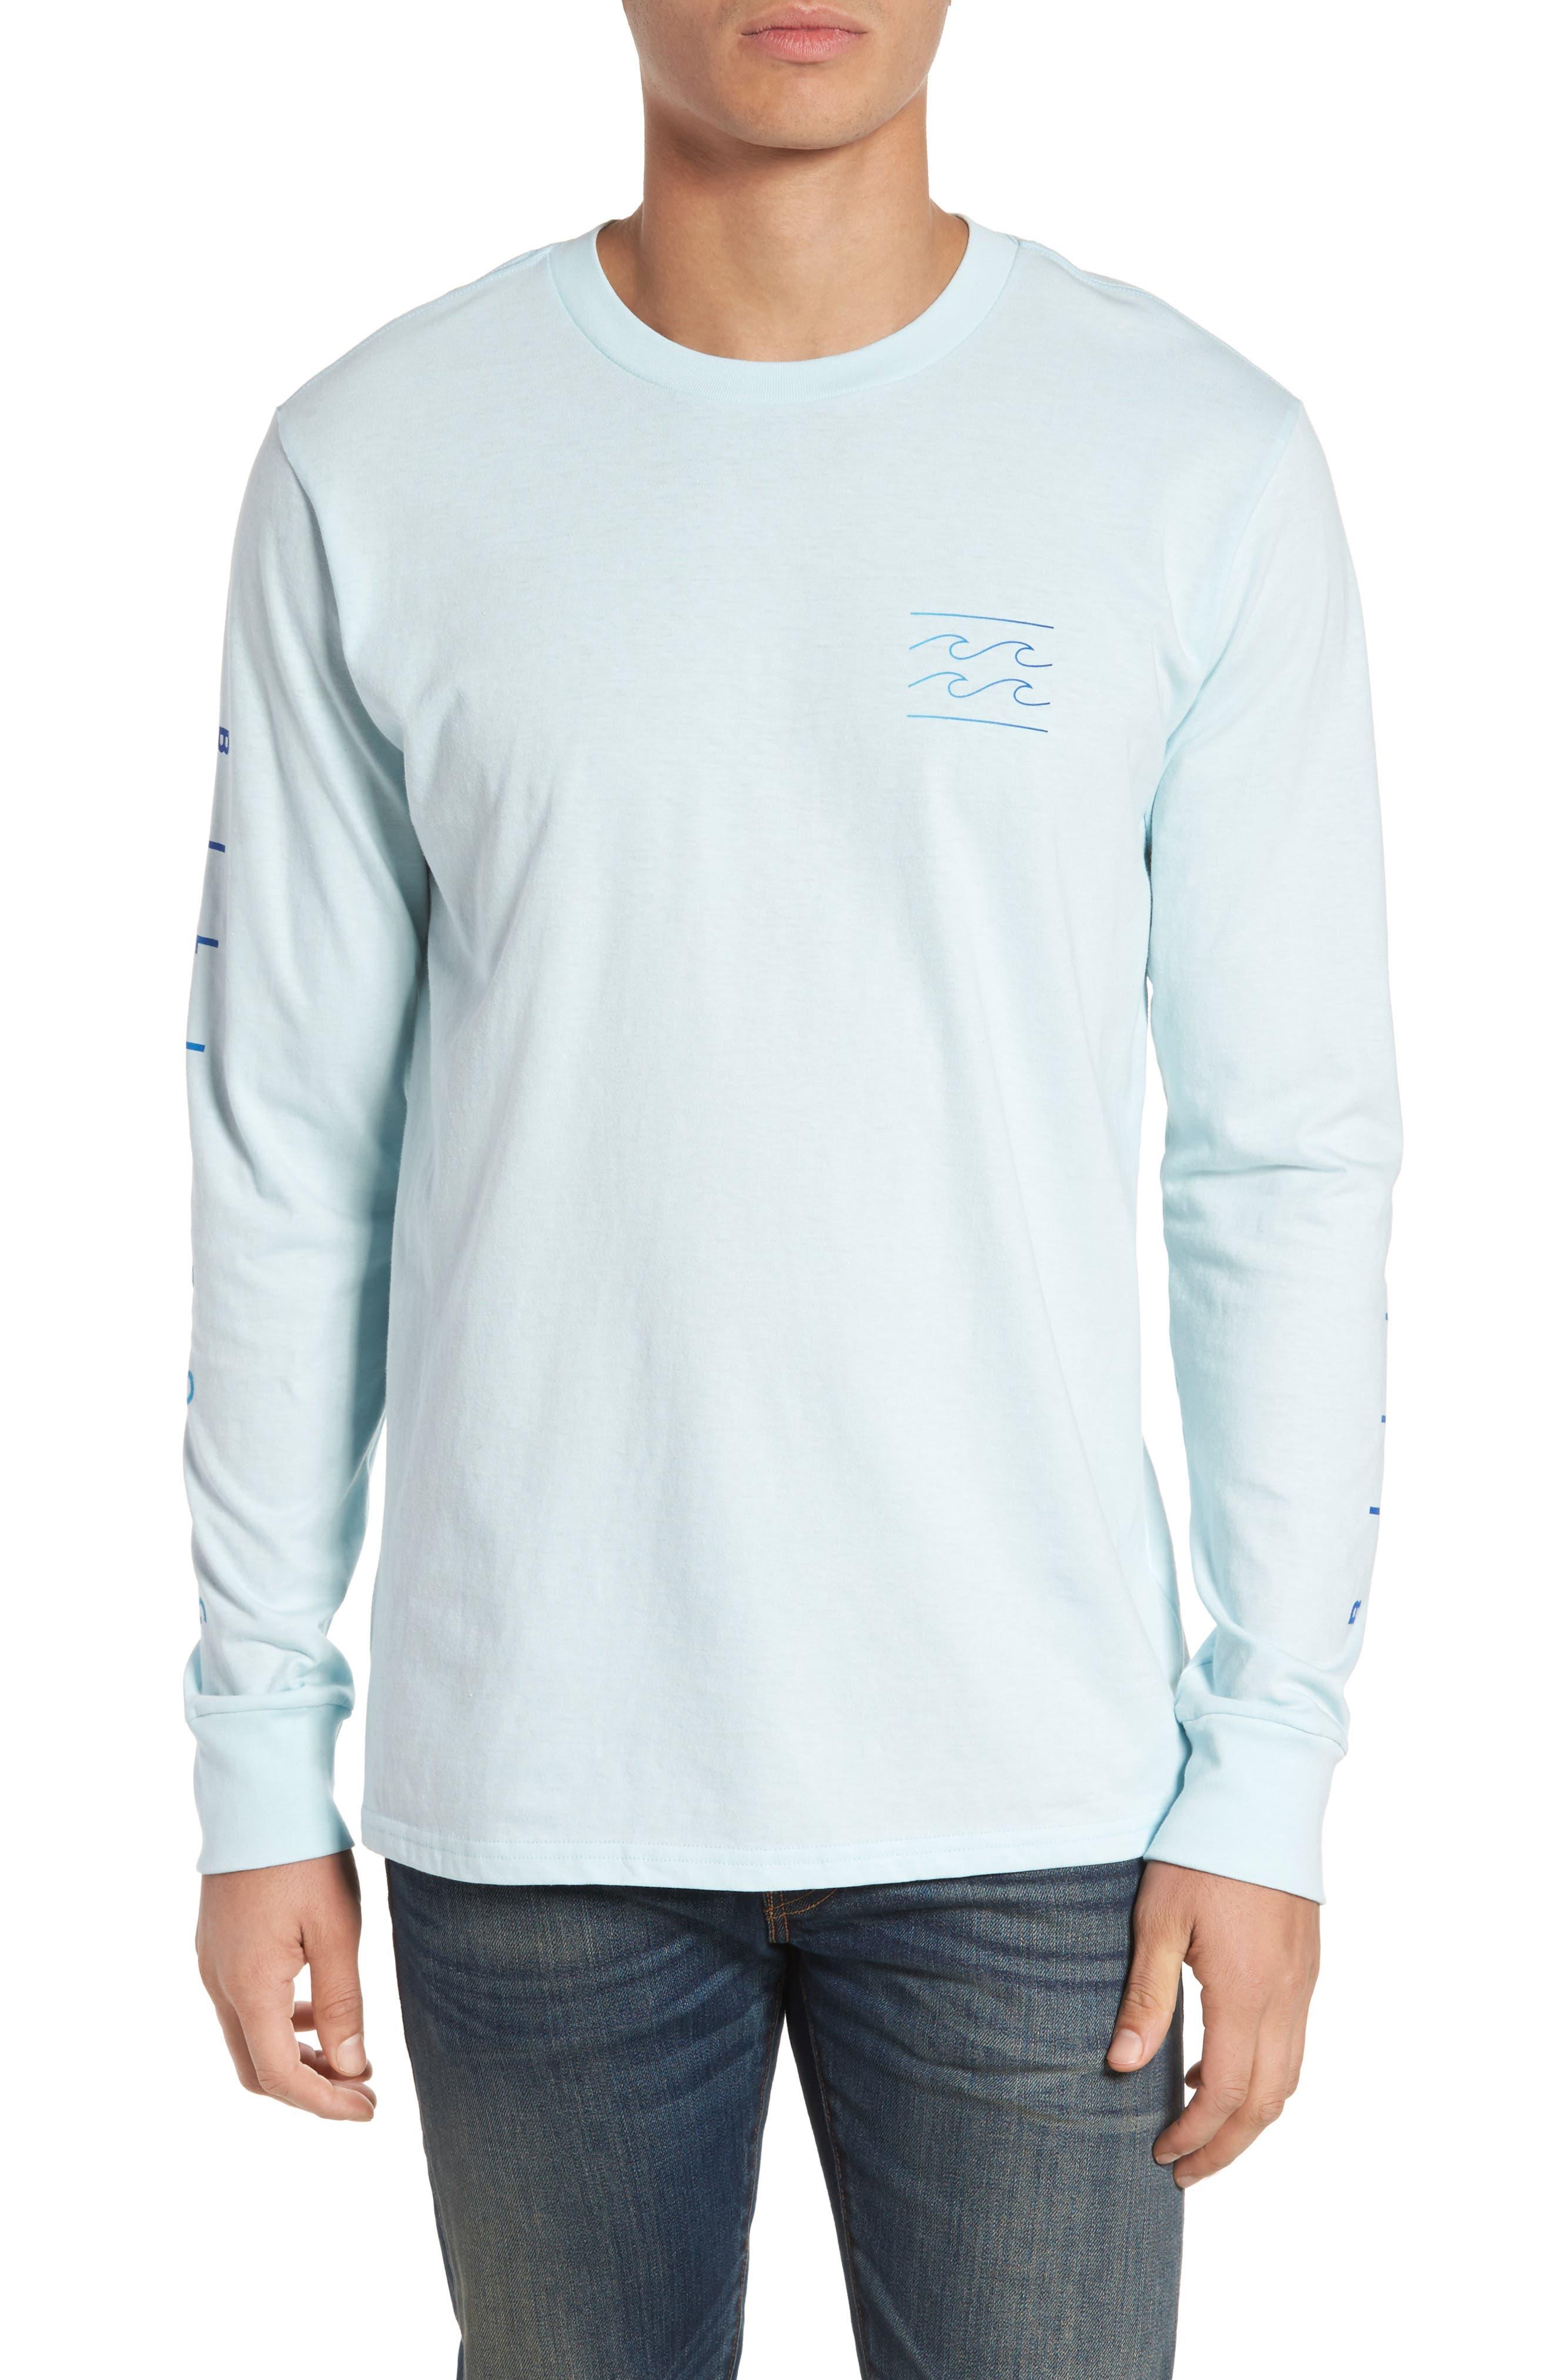 Main Image - Billabong Unity Graphic T-Shirt